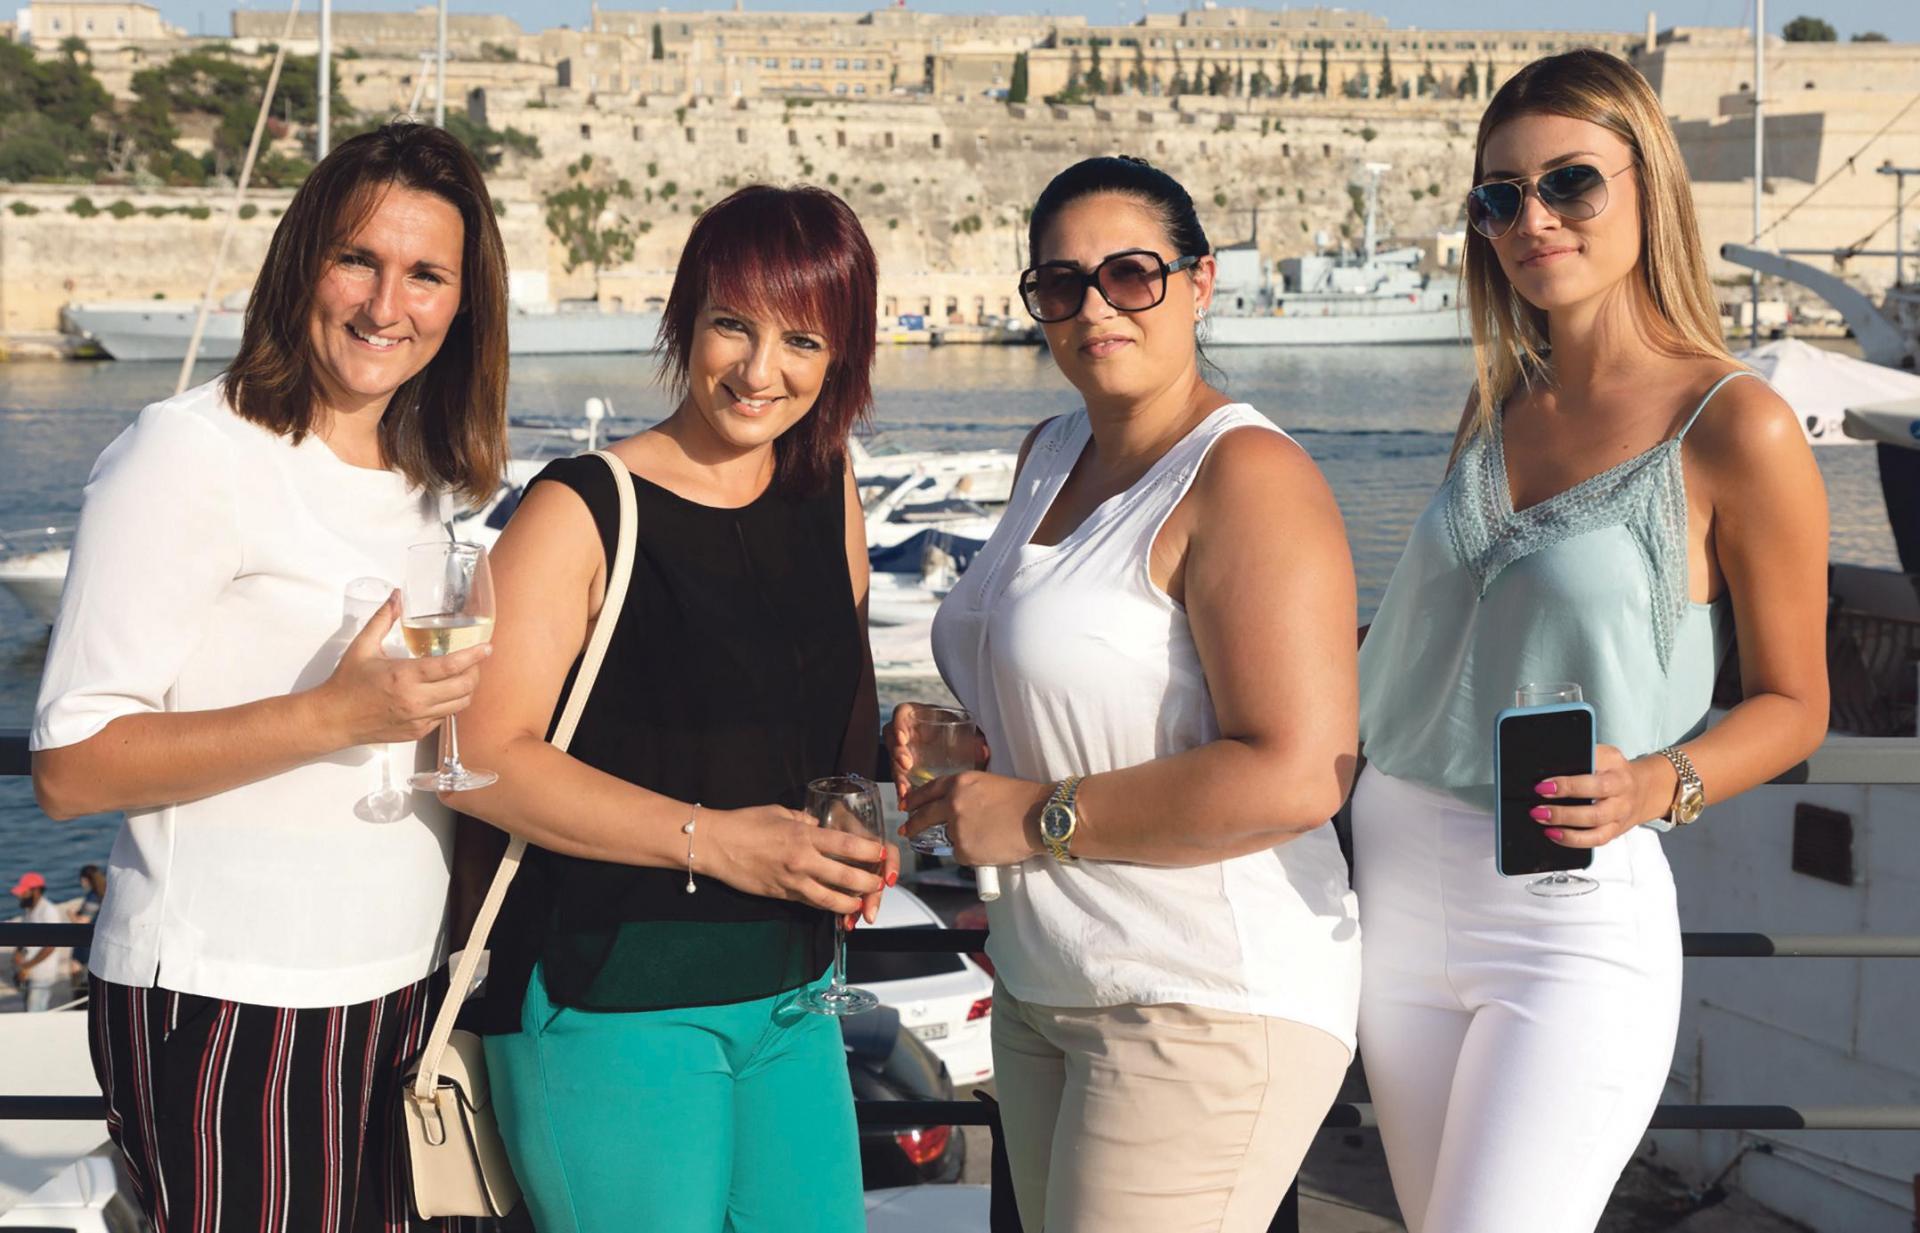 Dionne Tonna, Lyndsey Vella, Loredana Lapira and Andrea Veselji.